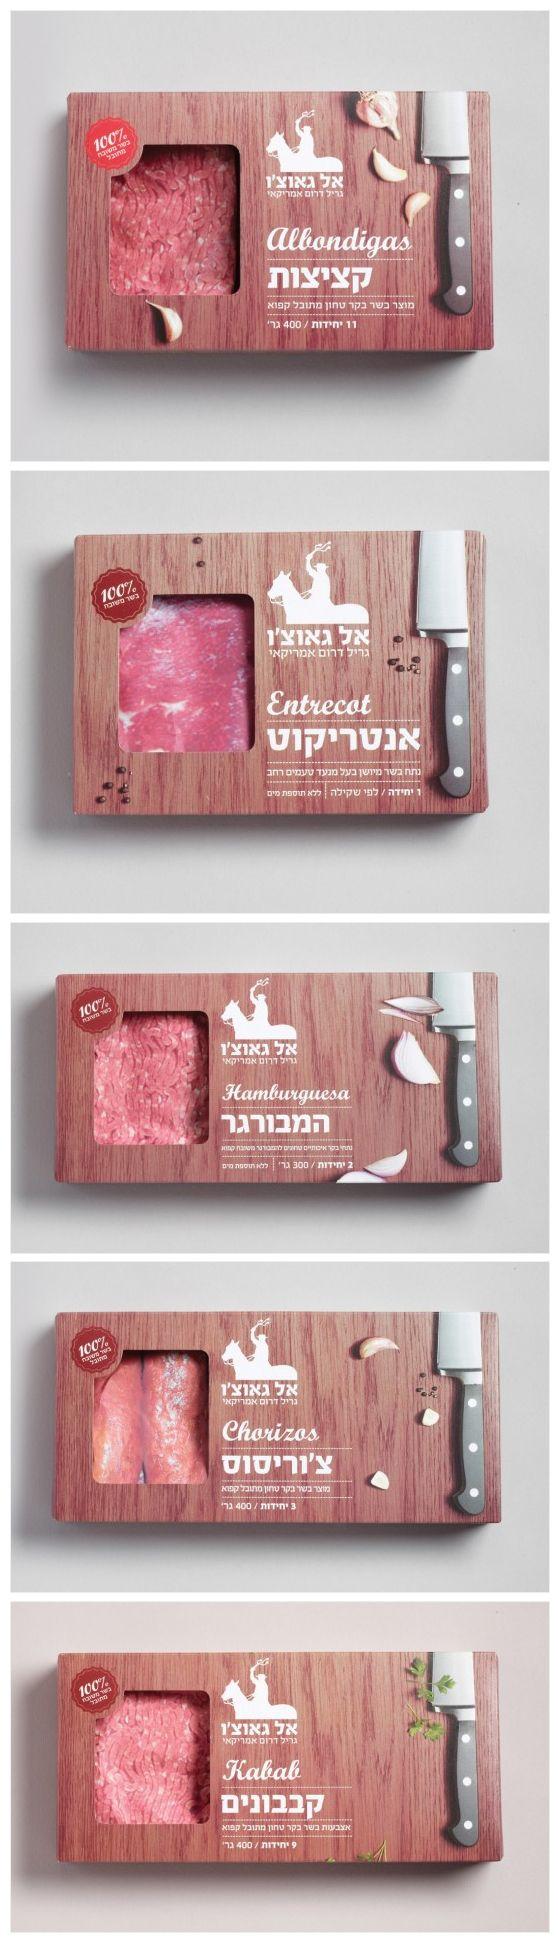 The whole El Gaucho packaging series. Una manera interesante de presentar este producto #packaging #design. Nosotros podemos hacerlo!!